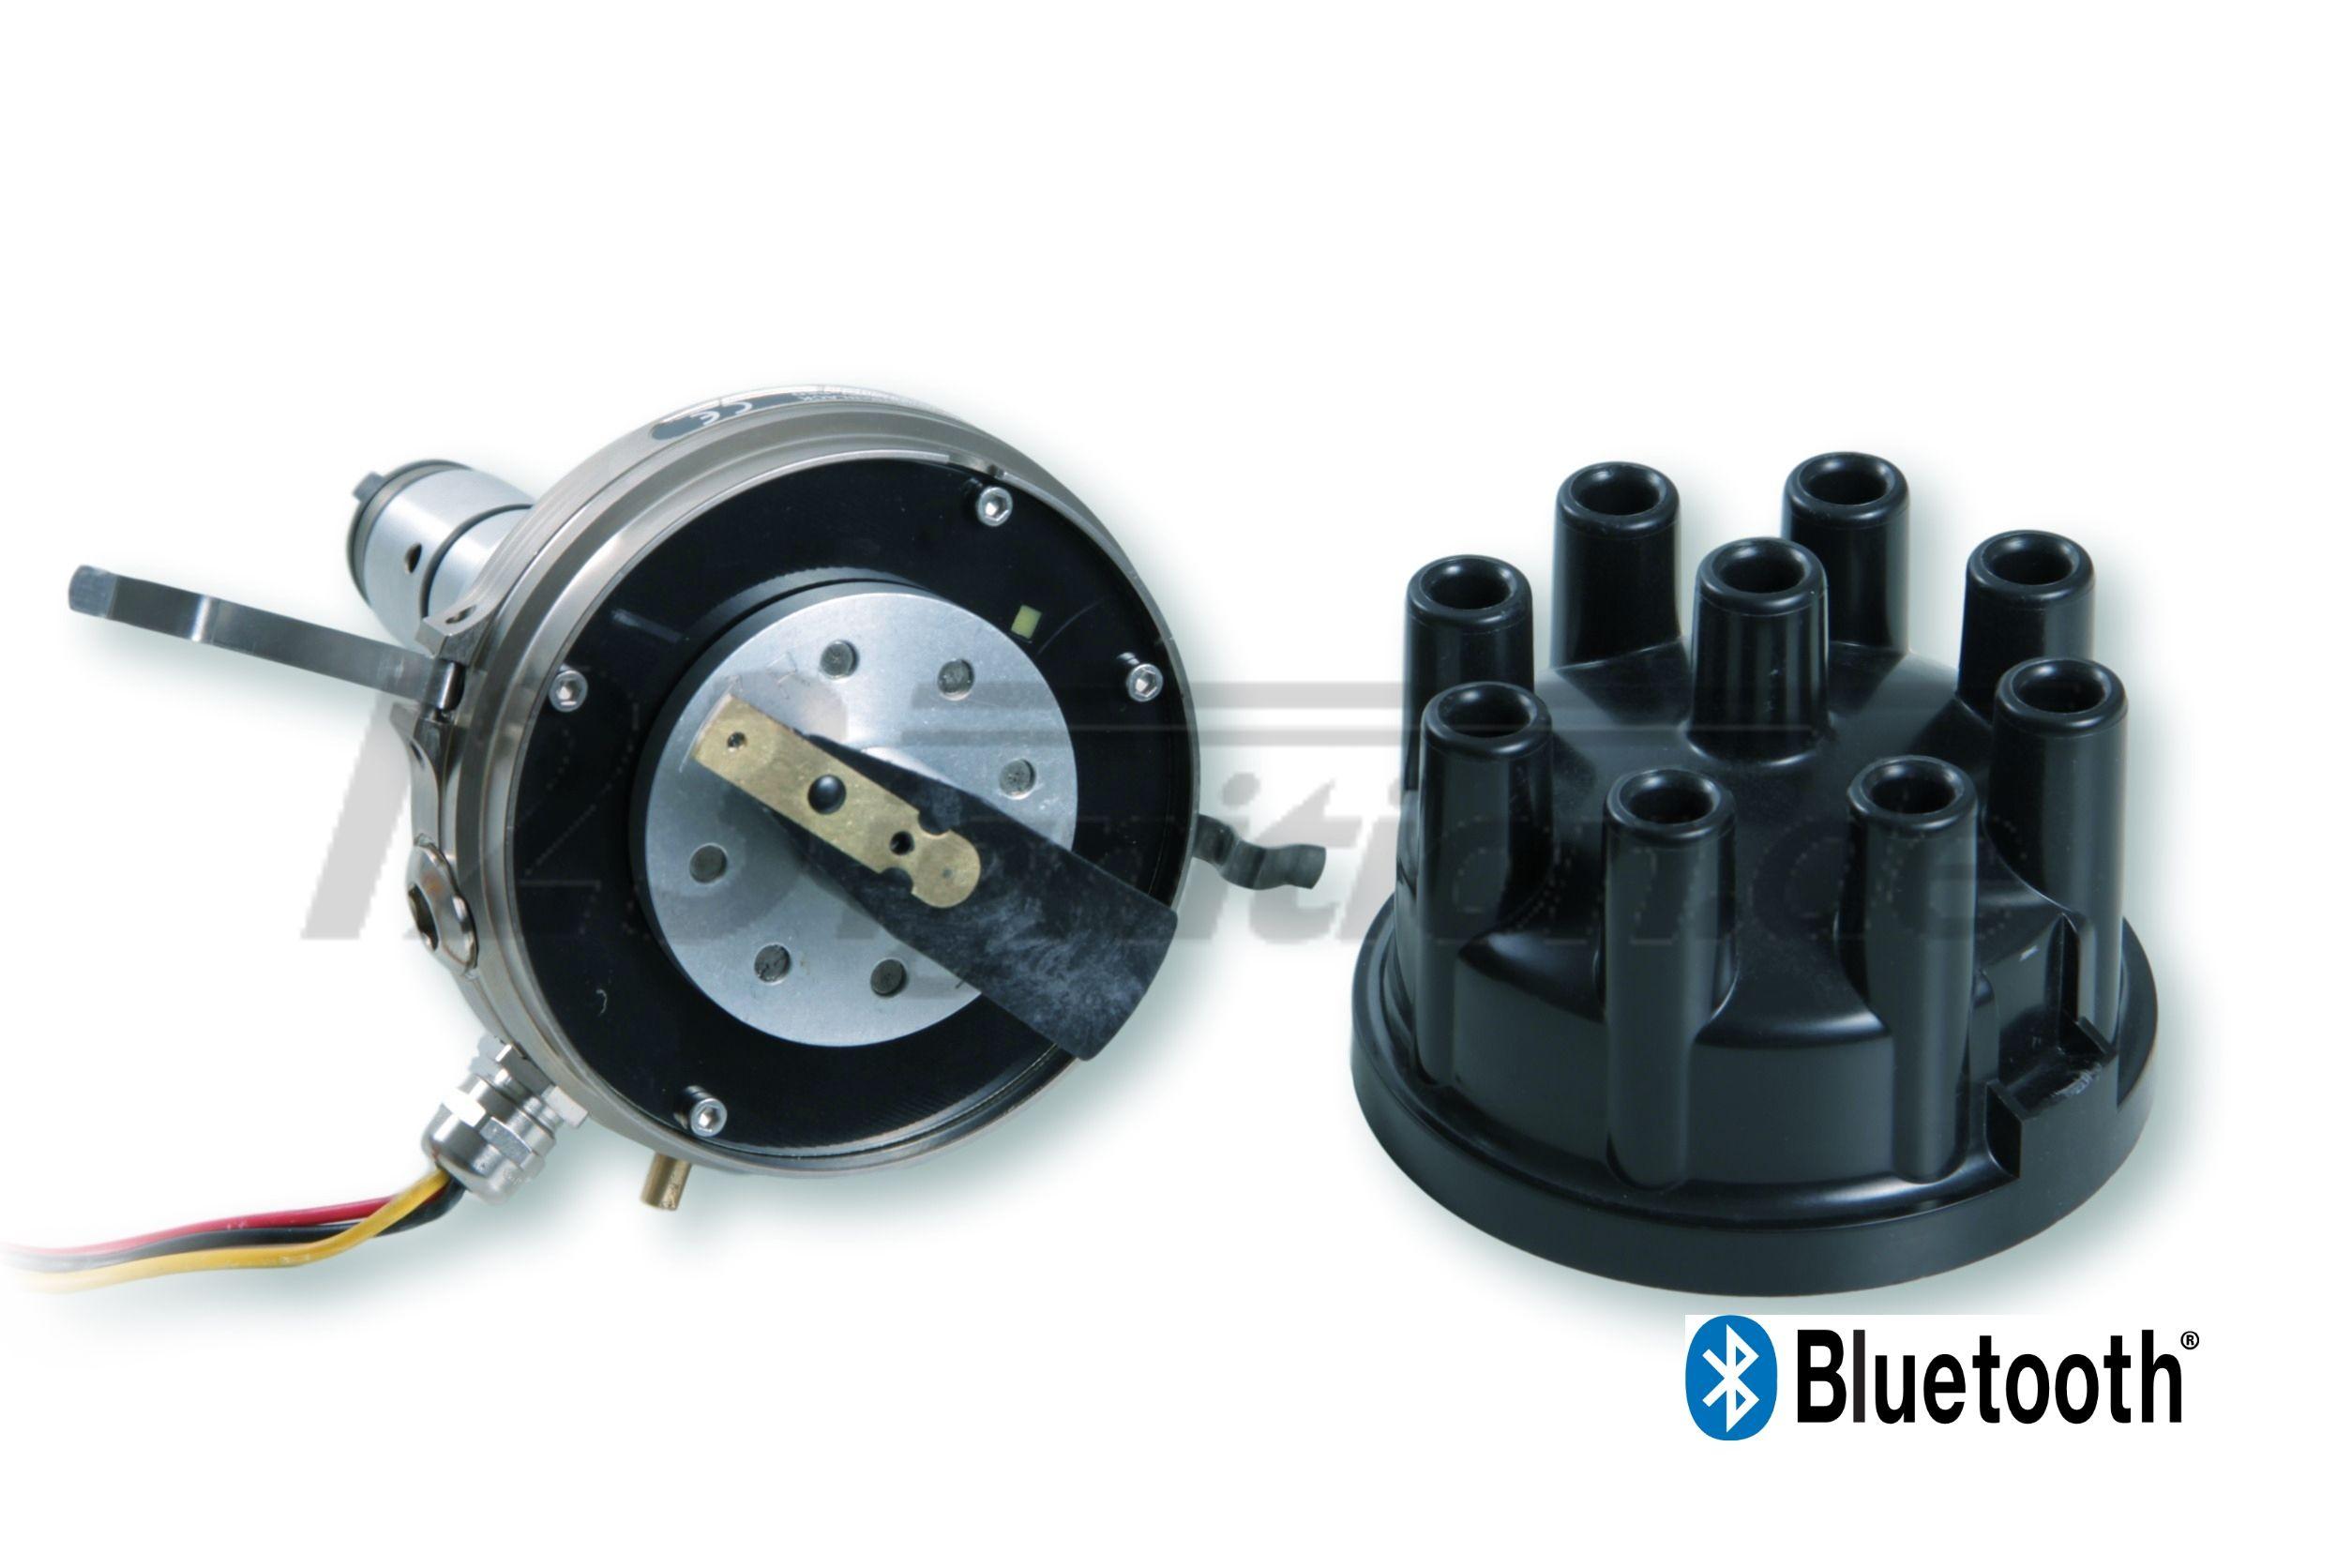 Rozdelovač zapalovanie 123\TUNE+ Bluetooth pre Mercedes 600 W100 otvorený uzáver distribútora